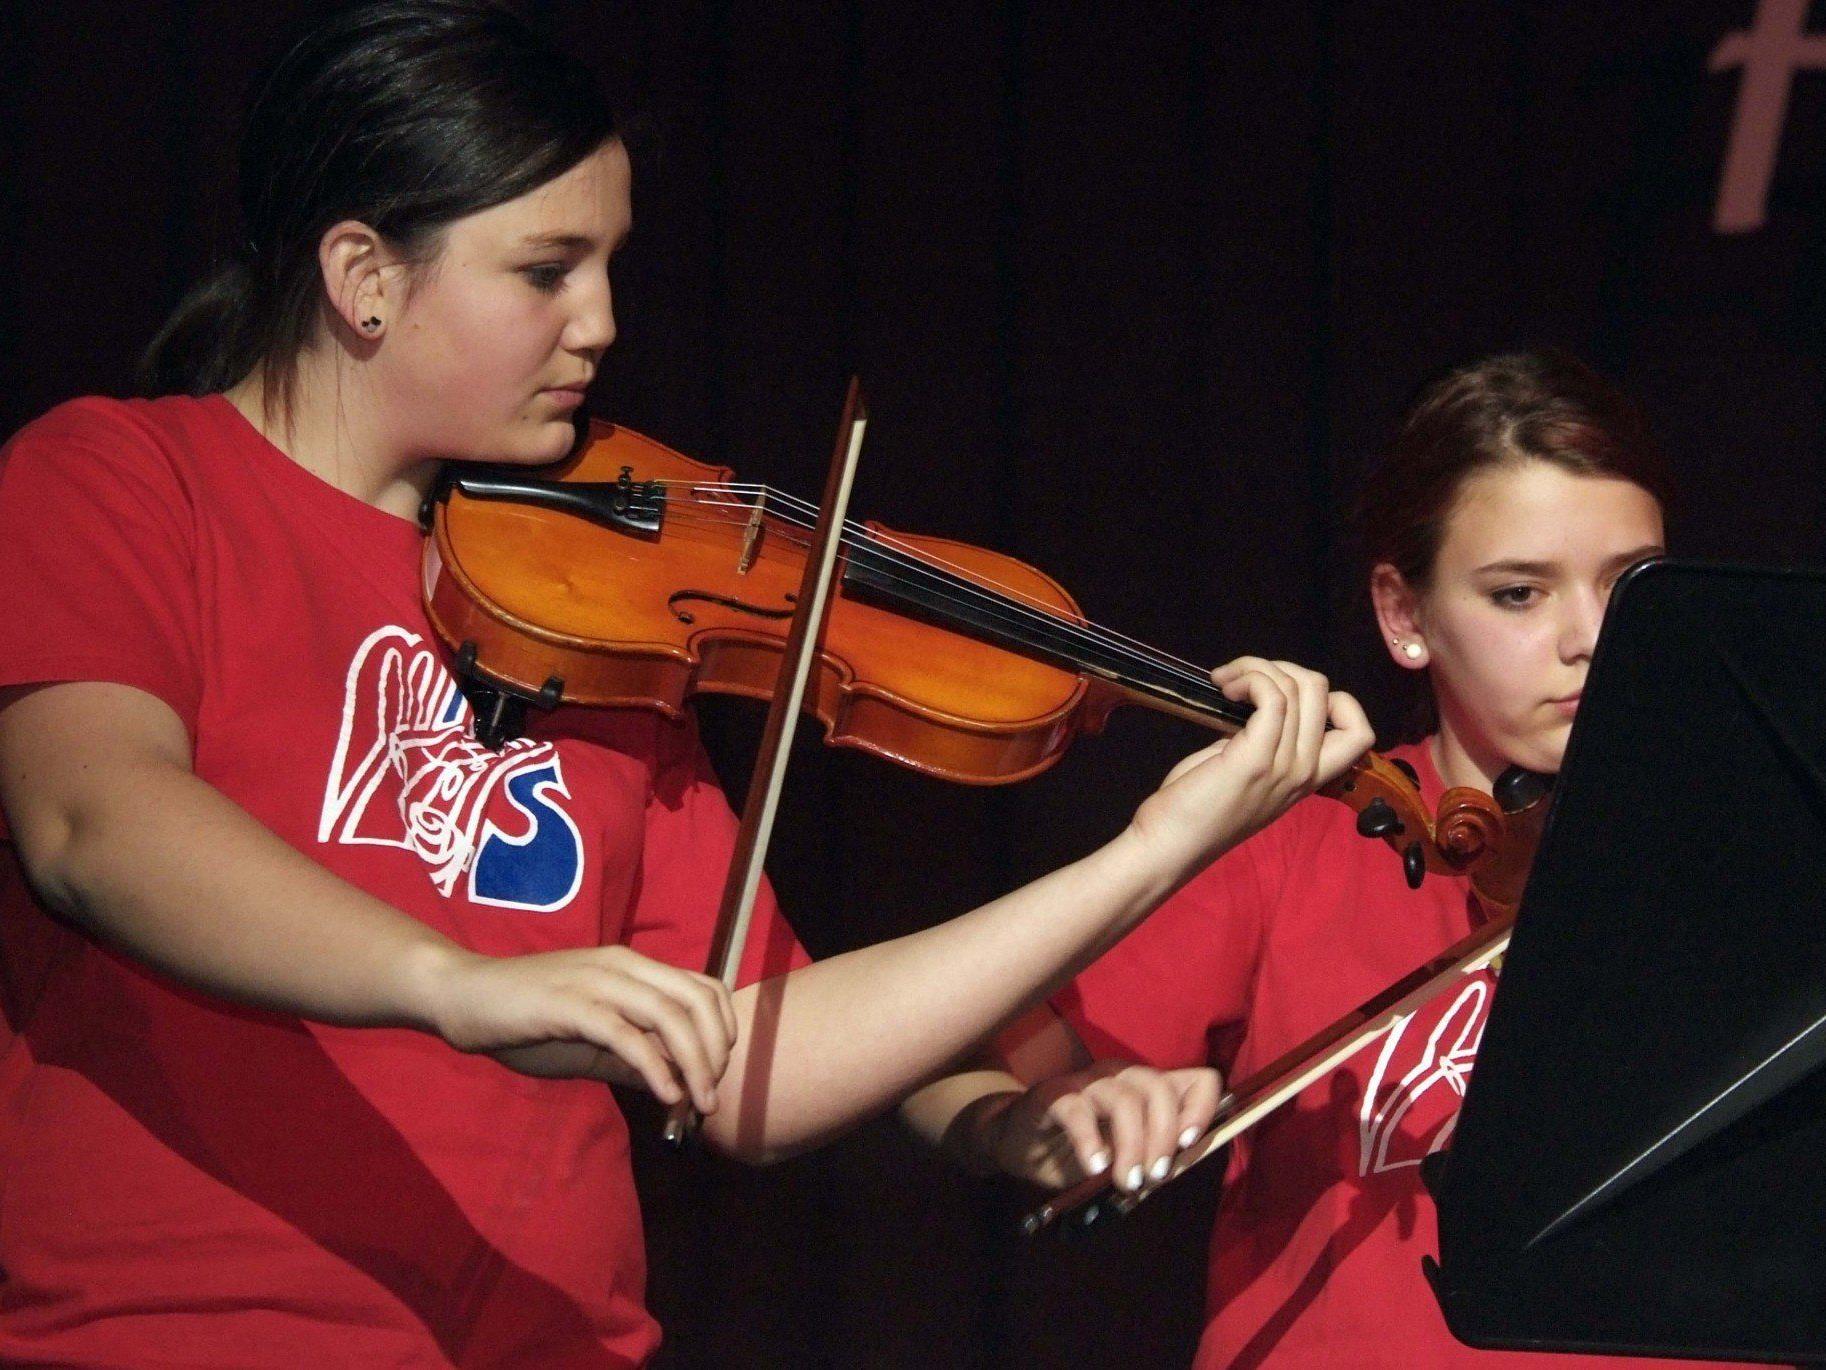 Ein abwechslungsreiches Programm erwartet die Besucher beim Konzert der Musikmittelschule.